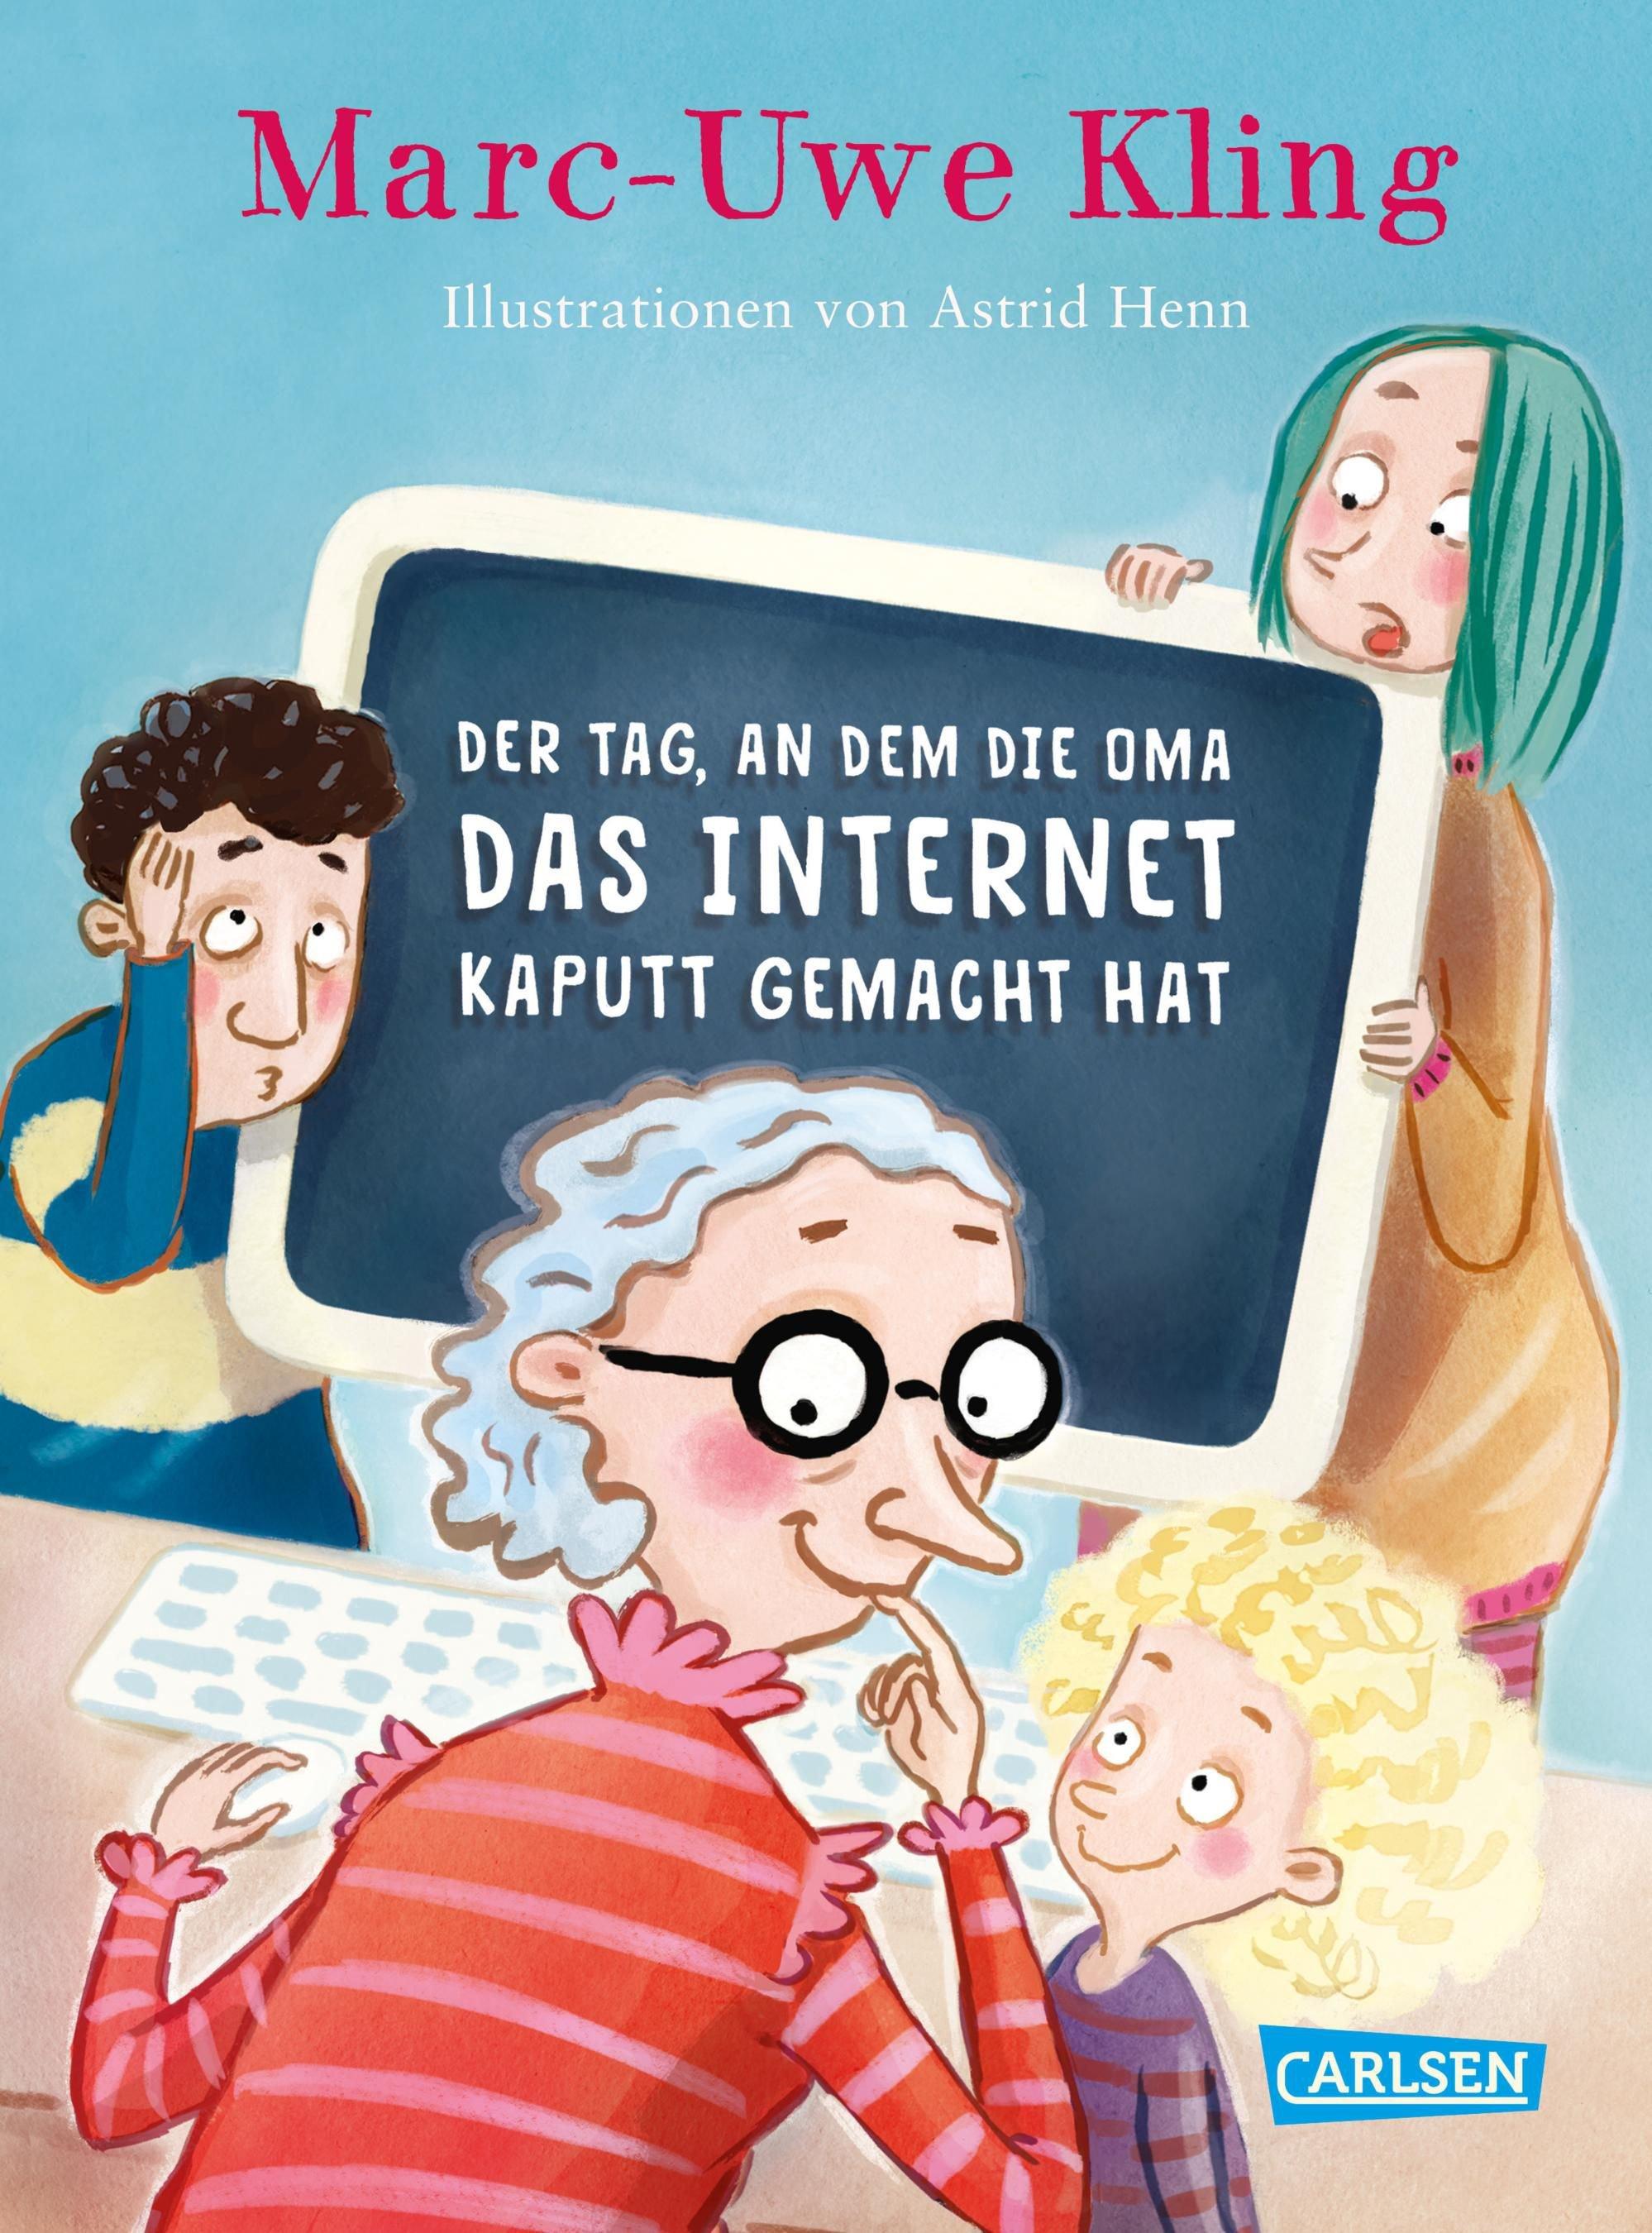 Der Tag, an dem die Oma das Internet kaputt gemacht hat